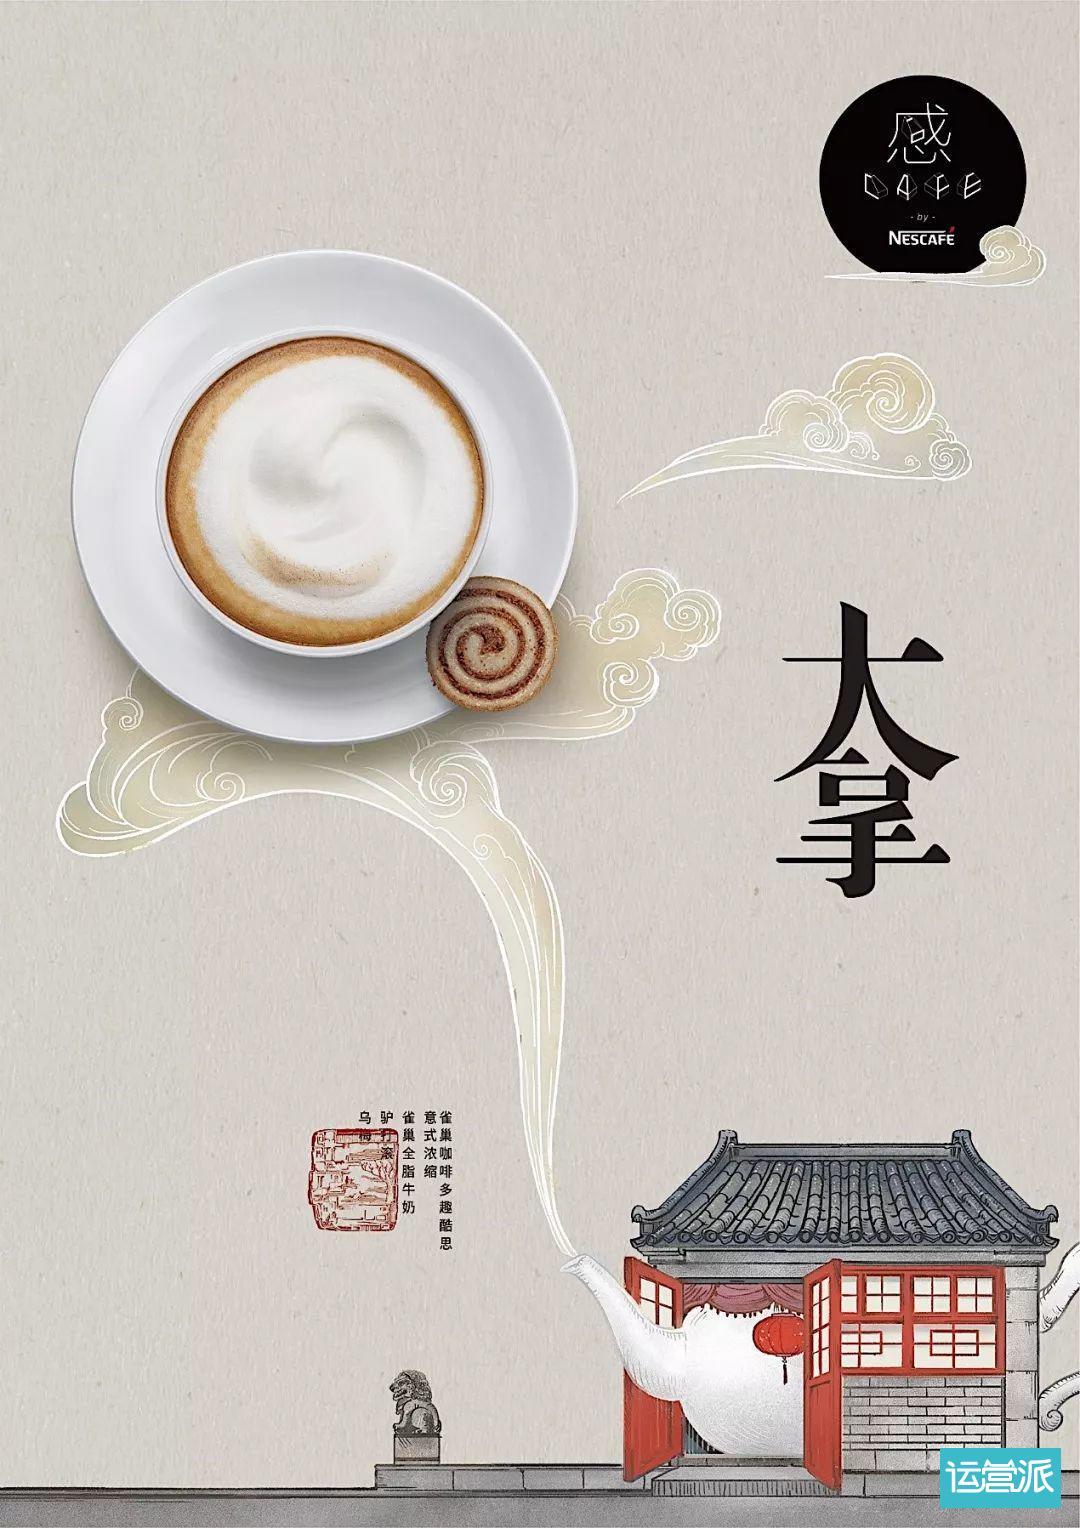 大北京又一次刷屏了,竟然是因为这杯咖啡配上驴打滚~